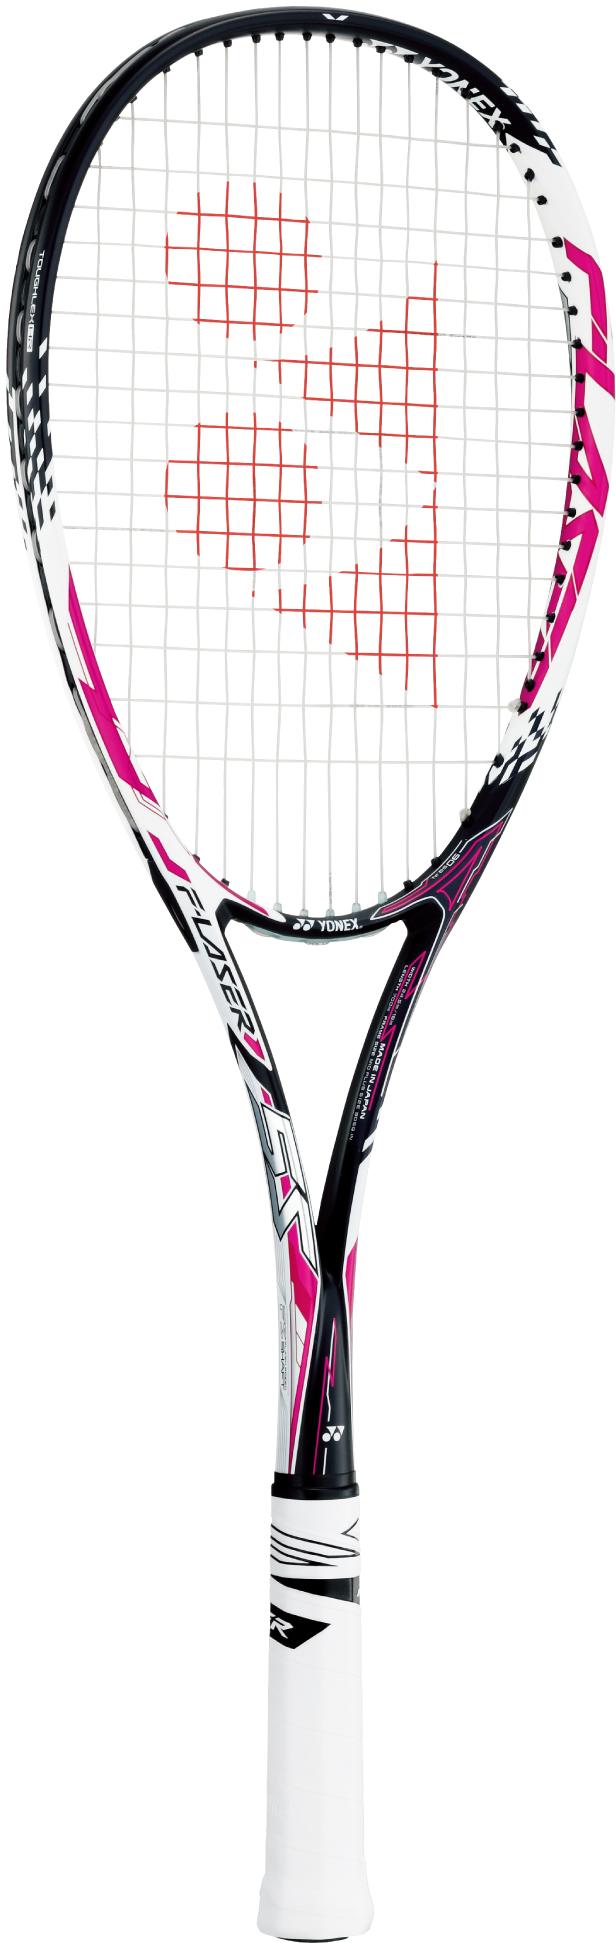 【40%OFF】 ヨネックス F-LASER 5S エフレーザー5S (ピンク)